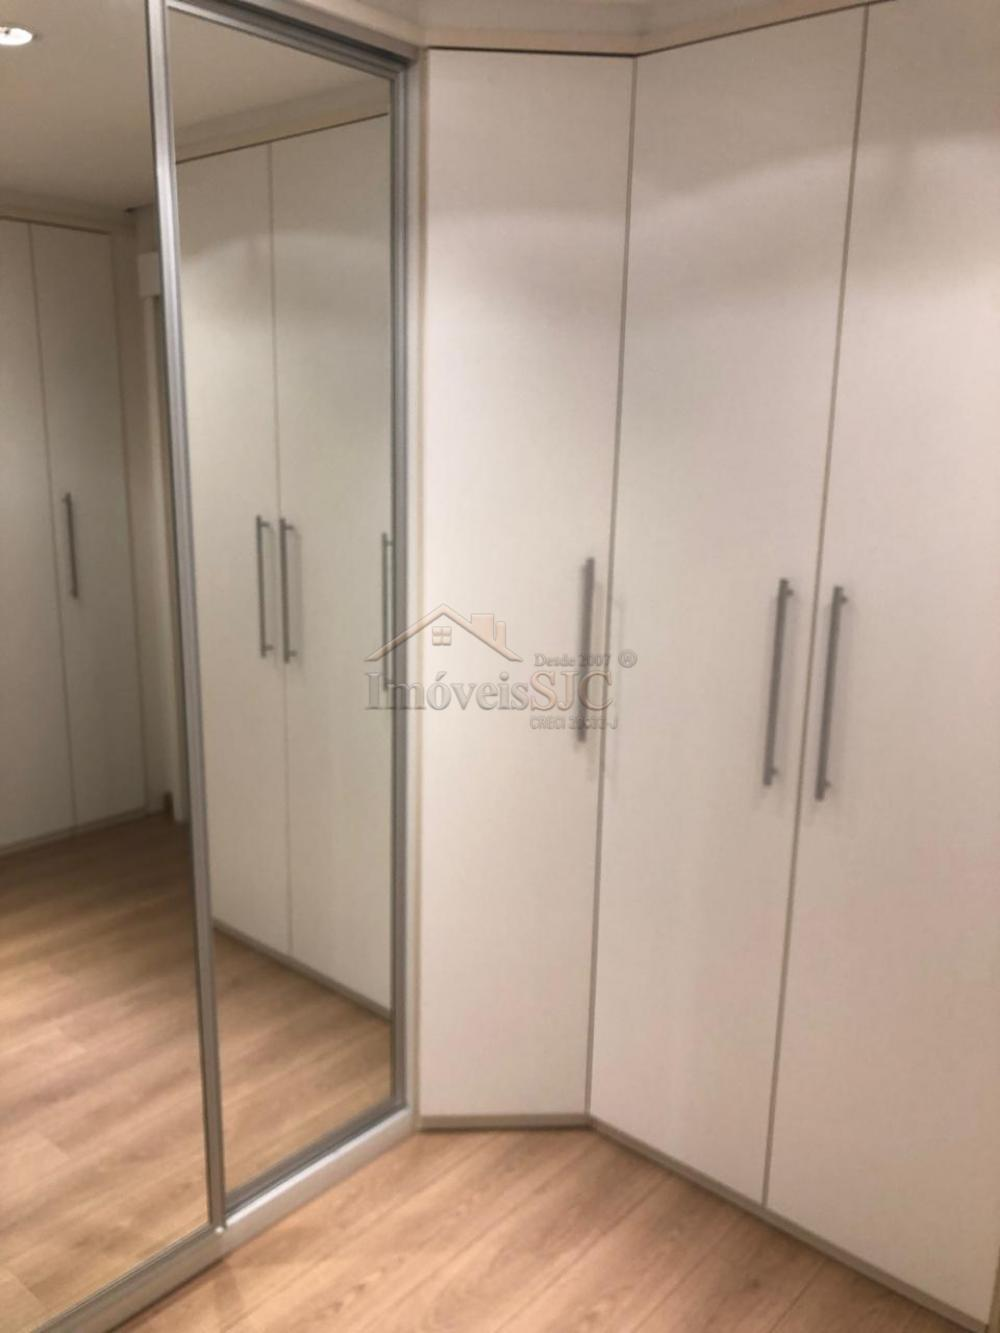 Comprar Apartamentos / Padrão em São José dos Campos apenas R$ 690.000,00 - Foto 8